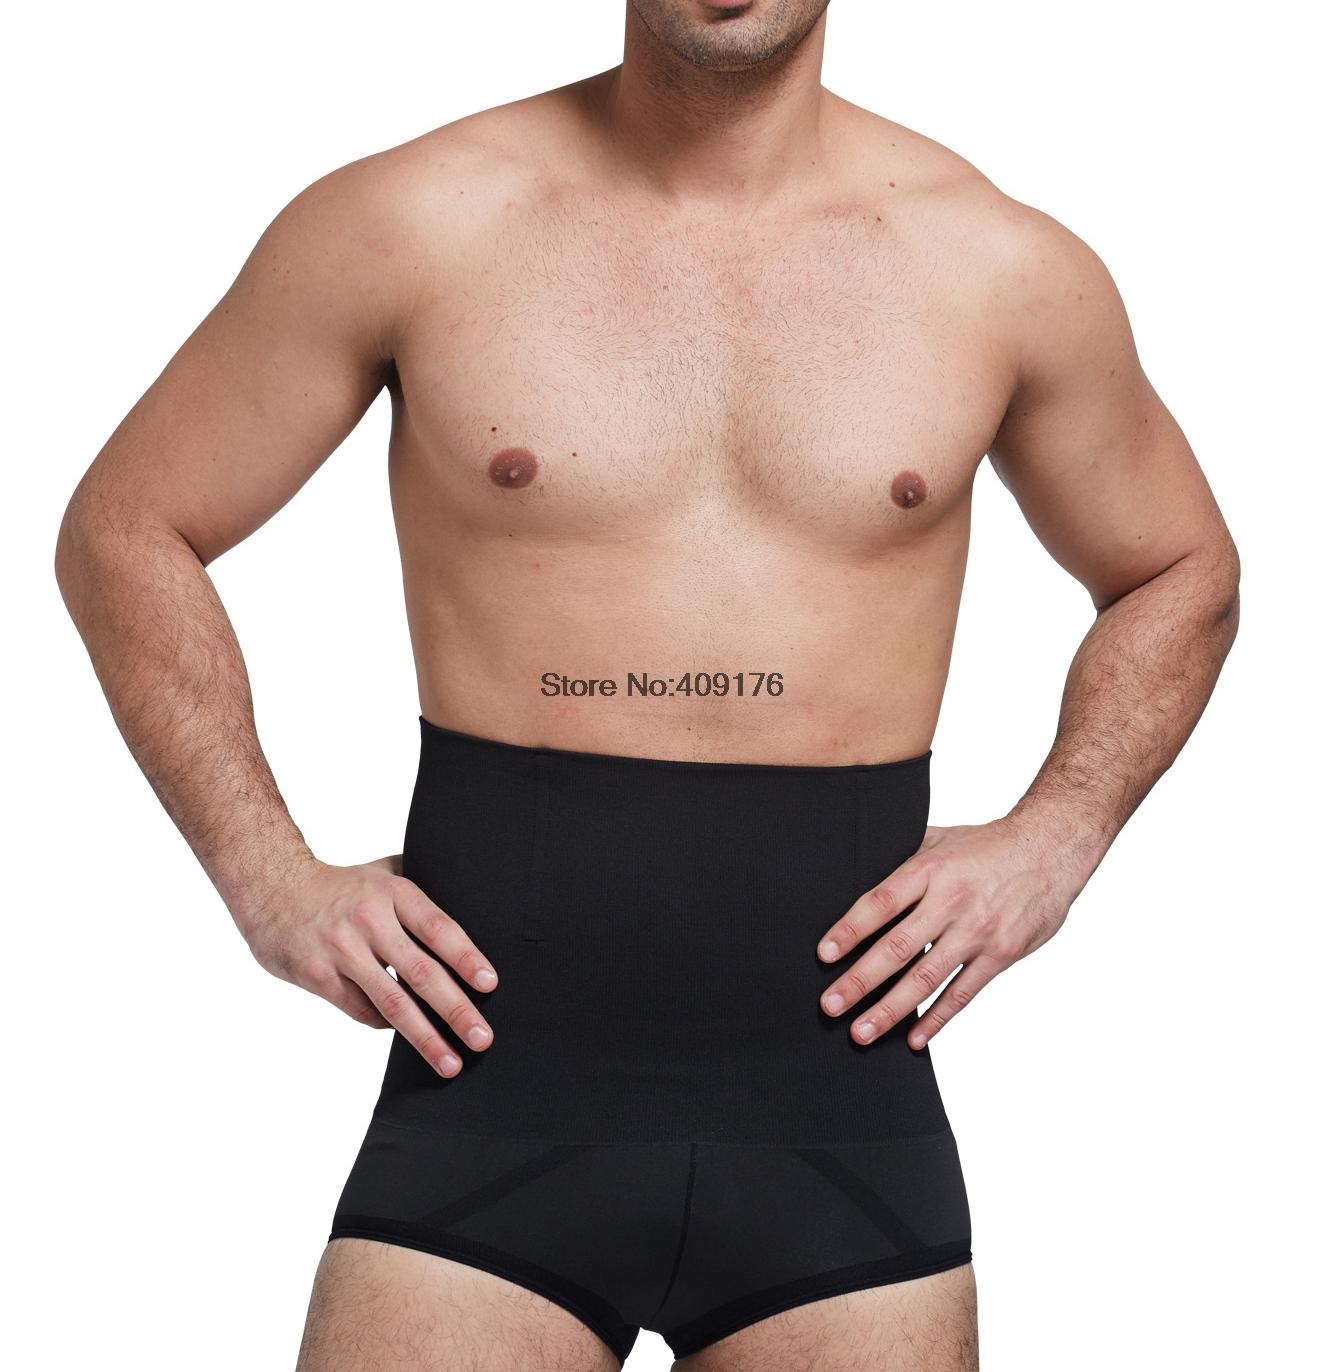 e5fc2fac073aa 2019 Wholesale Men Body Shaper Underwear Waist Trainer Cincher ...